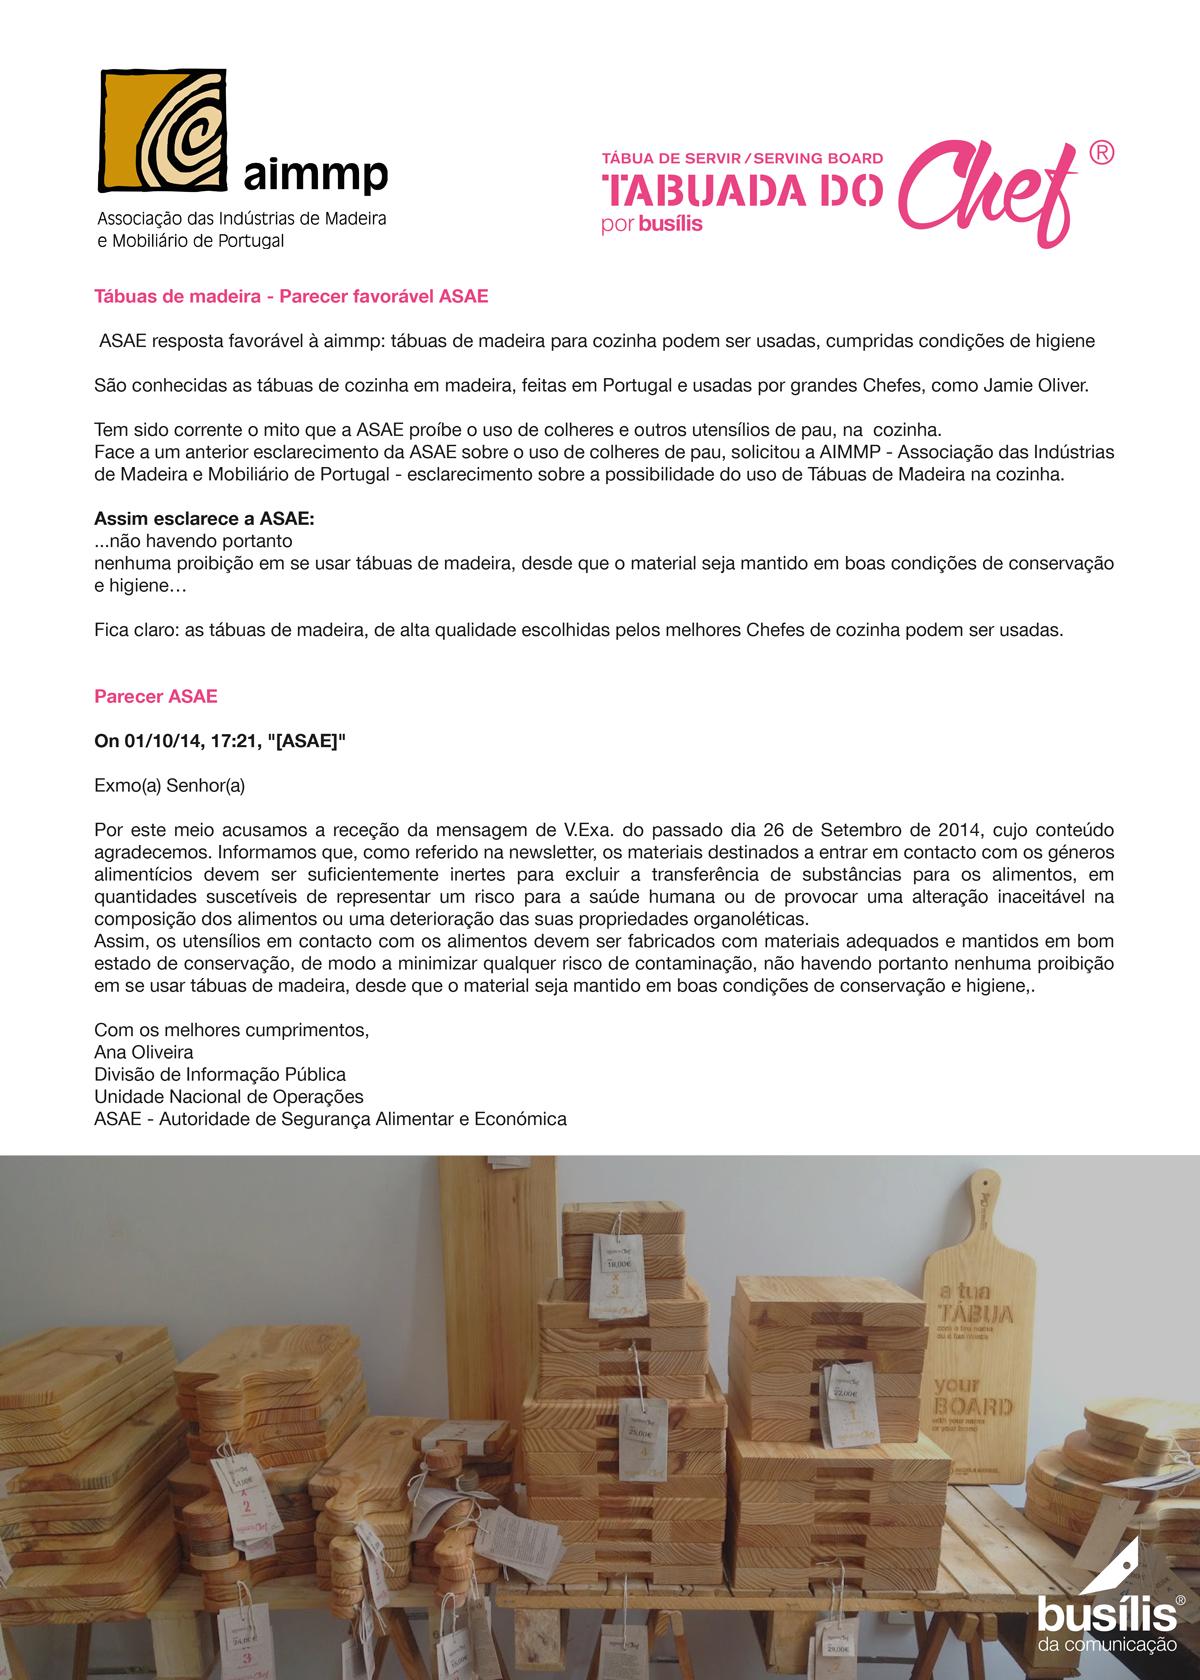 Tábuas de madeira - Parecer favorável da ASAE